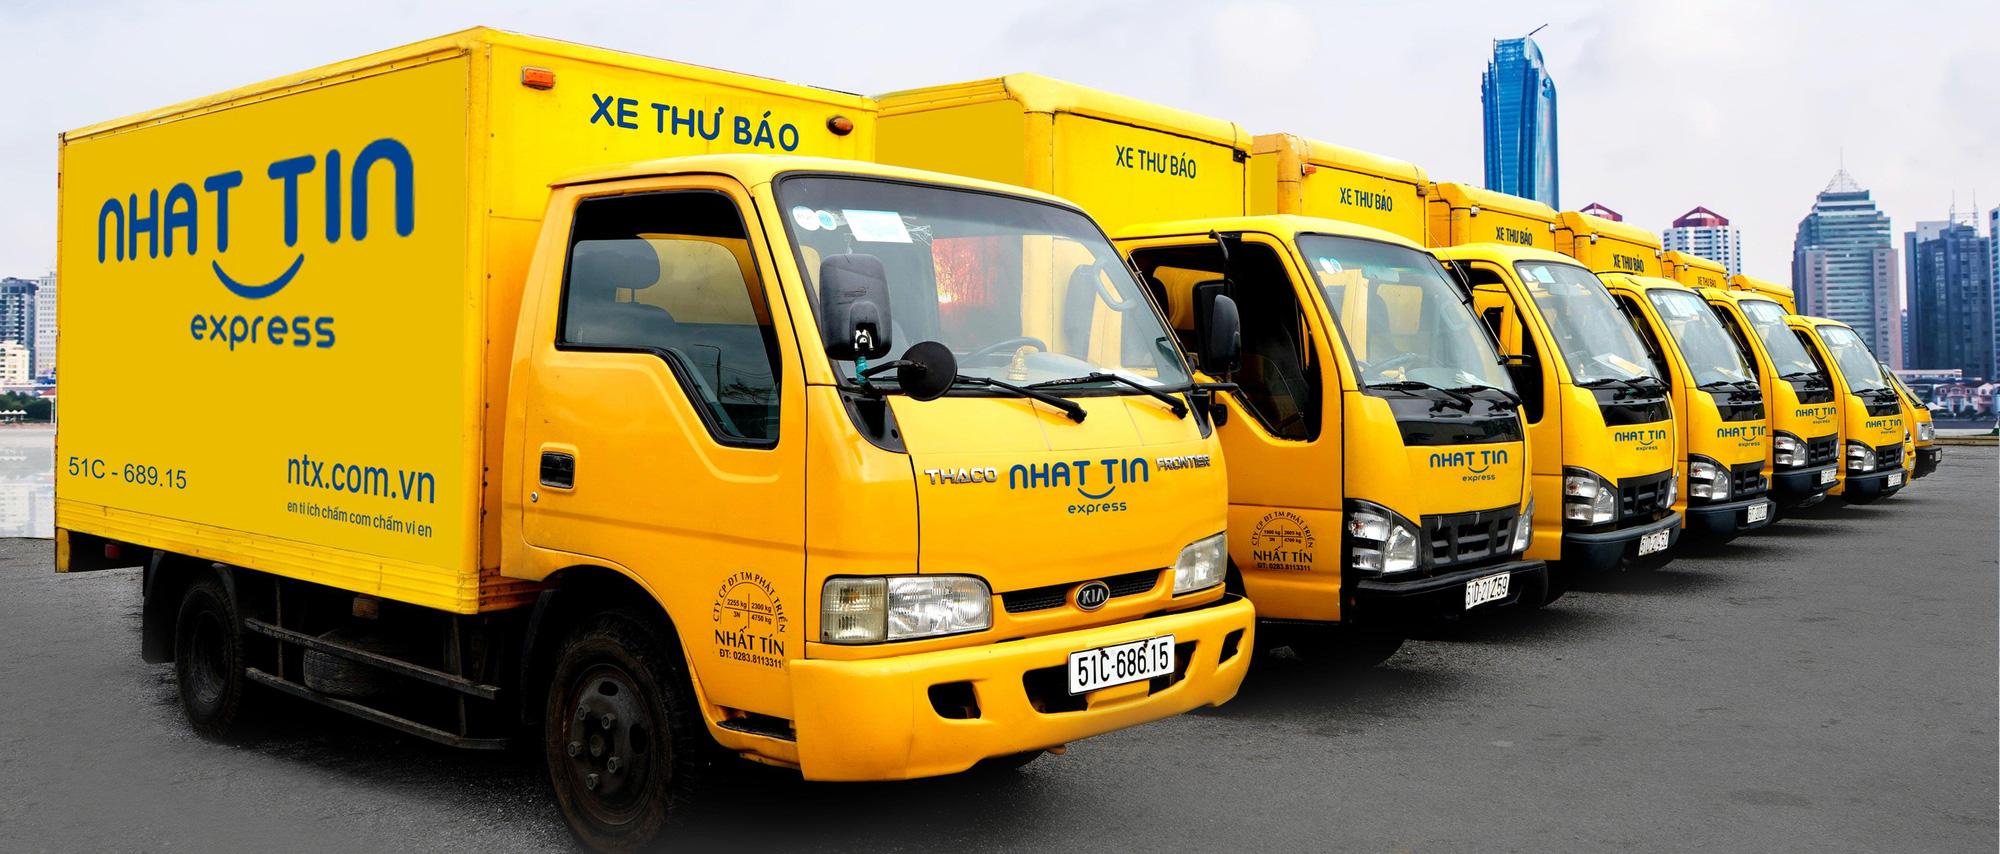 Nhất Tín ra mắt thương hiệu chuyển phát nhanh mới: Nhất Tín Express - NTX - Ảnh 2.